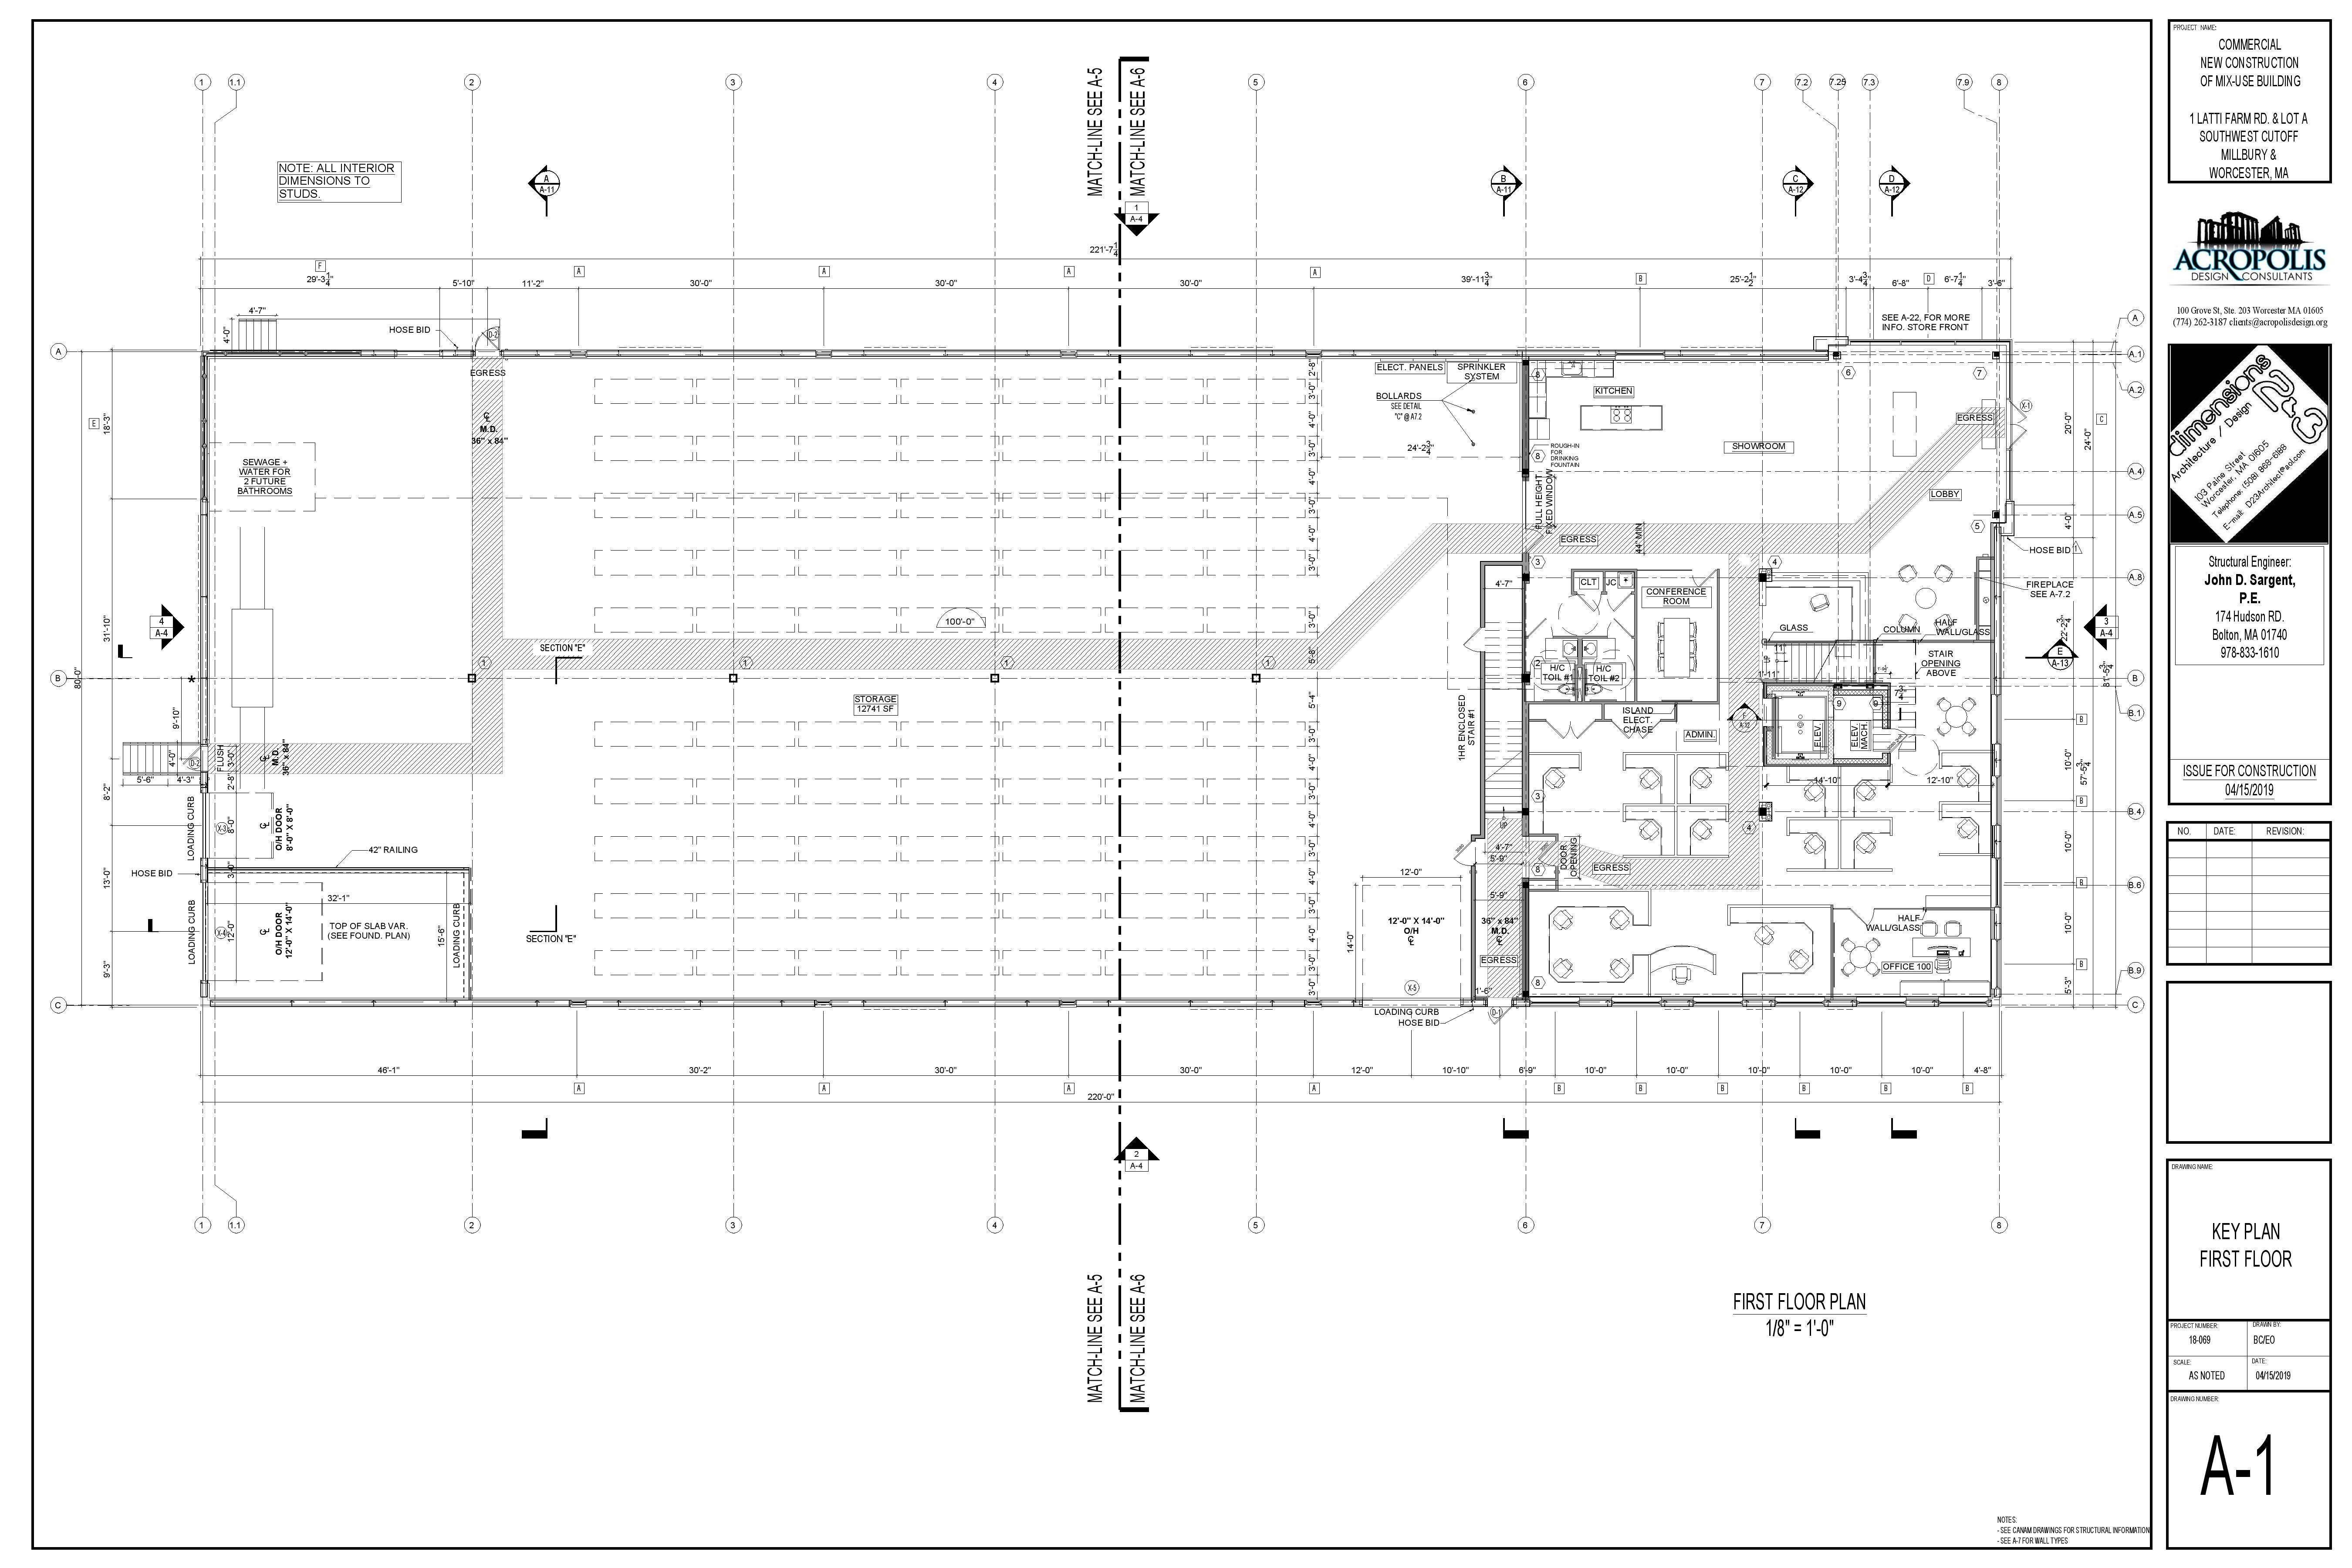 Design plan